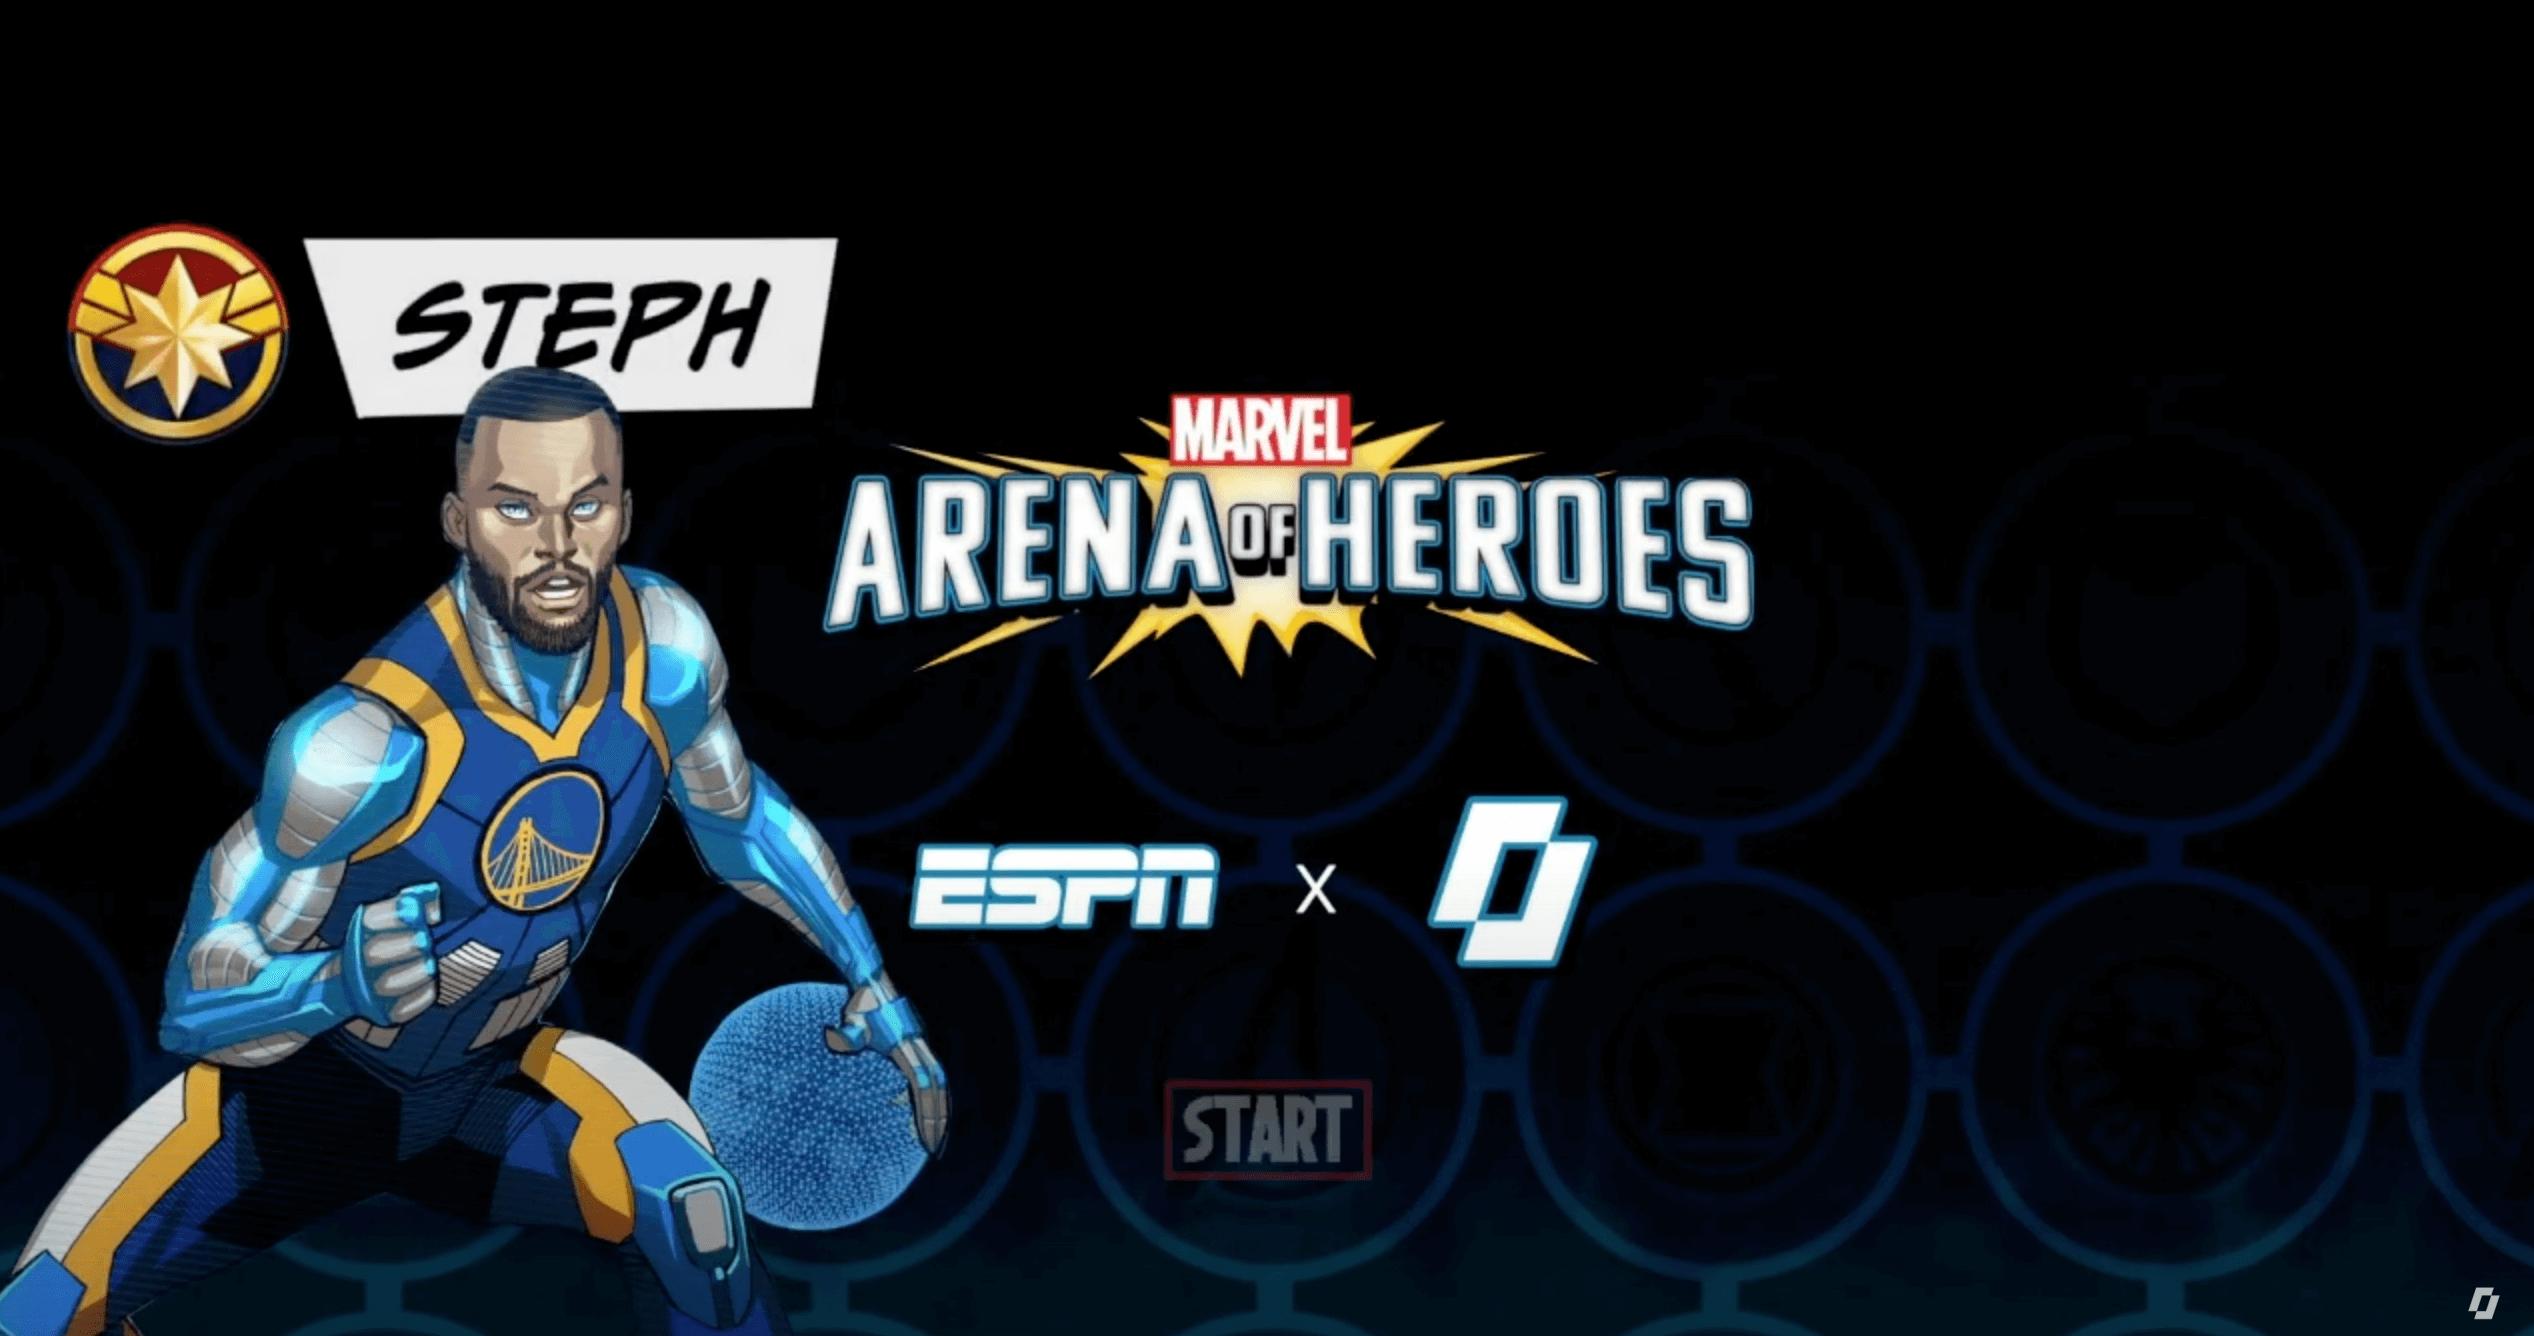 Im Rahmen einer Kooperation zwischen Marvel und ESPN wurde beim Spiel zwischen den Golden State Warriors und den New Orleans Pelicans ein weiterer Wettbewerb virtuell ausgetragen. Sechs Spieler wurden zu Kandidaten für die Aufnahme in die Avengers stilisiert und die TV-Übertragung mit entsprechenden Animationen und passender Berichterstattung angereichert.